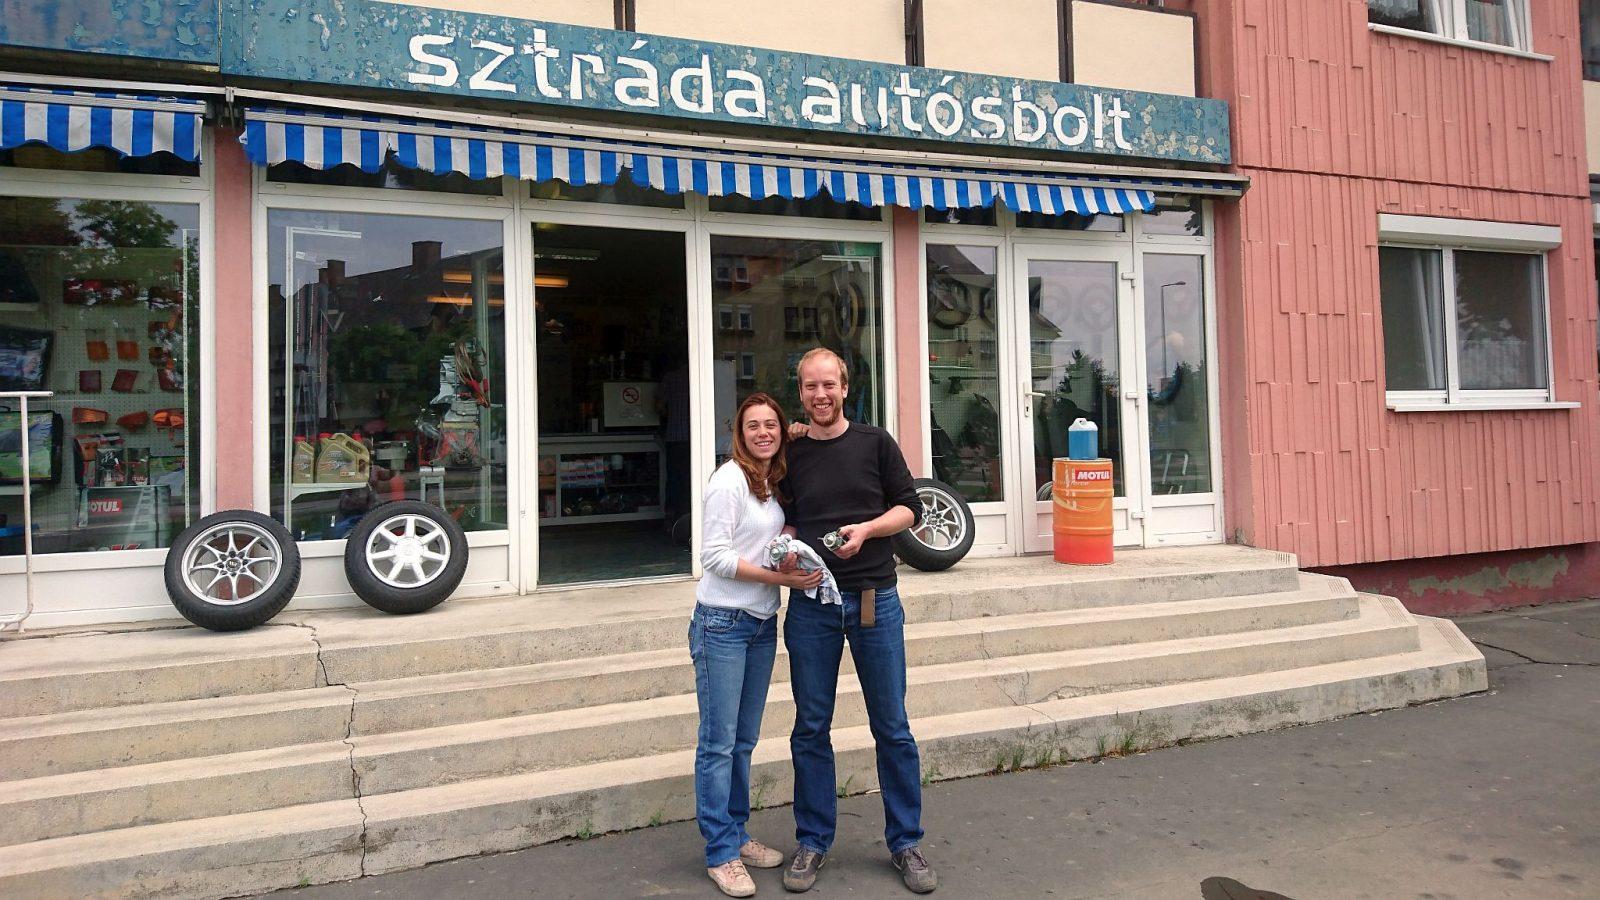 Vor dem Autoteileladen Sztráda Autósbolt in Nagykanizsa, Ungarn. Hätten wir doch zusätzlich bloß noch einen Satz Zündspulen mitgenommen.